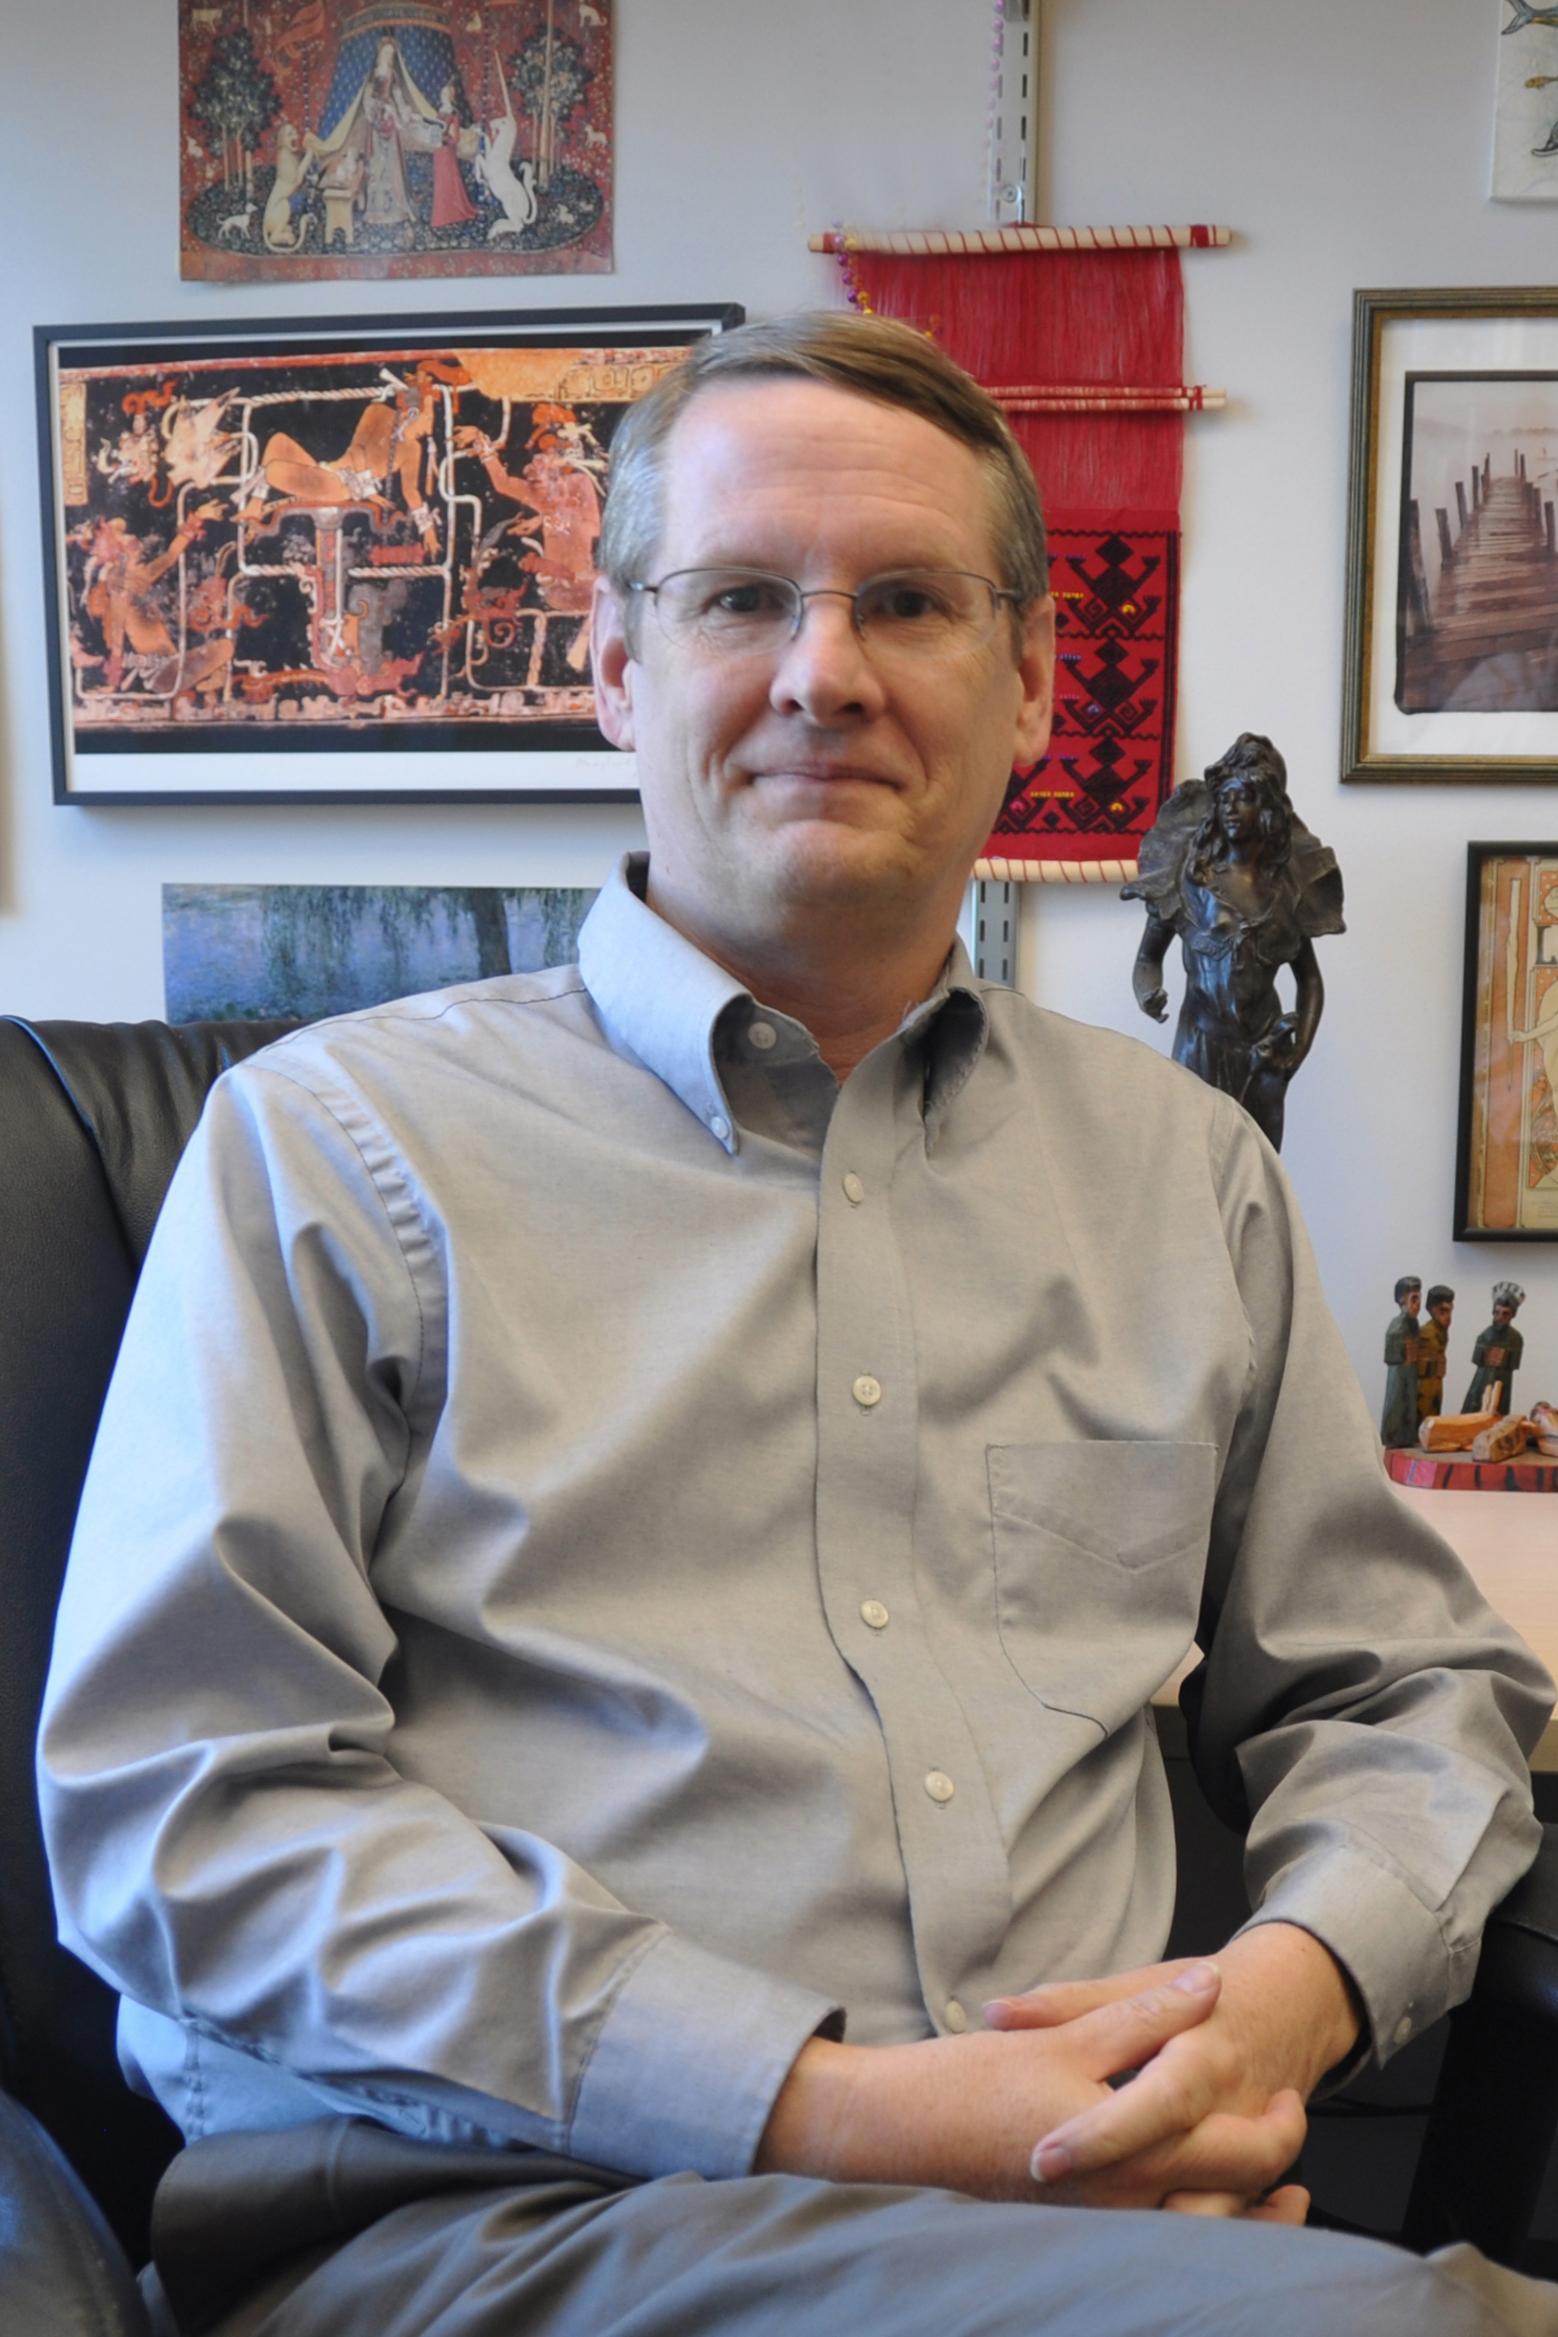 Allen J Christenson